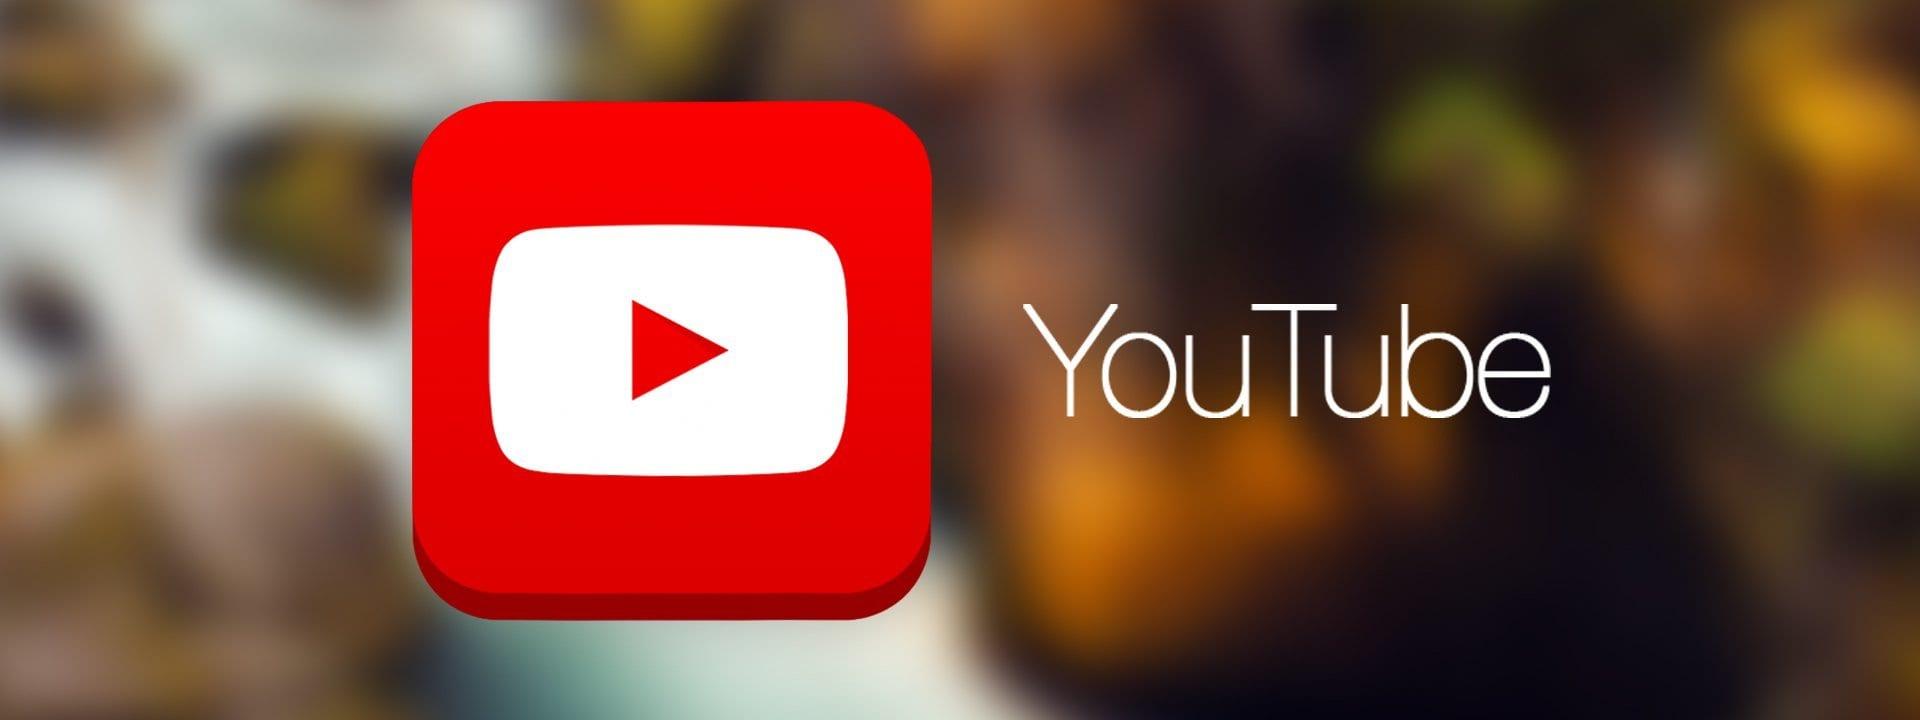 طريقة فتح قناة على اليوتيوب